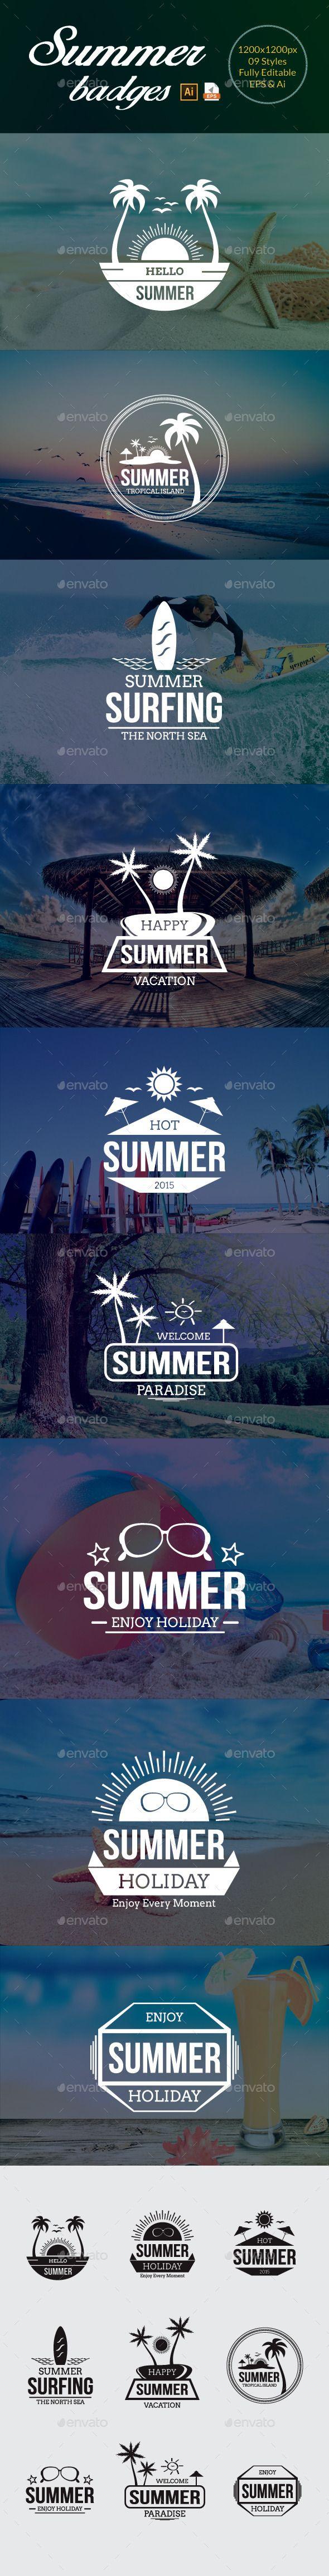 Summer Badges #design Download: http://graphicriver.net/item/summer-badges/11578103?ref=ksioks